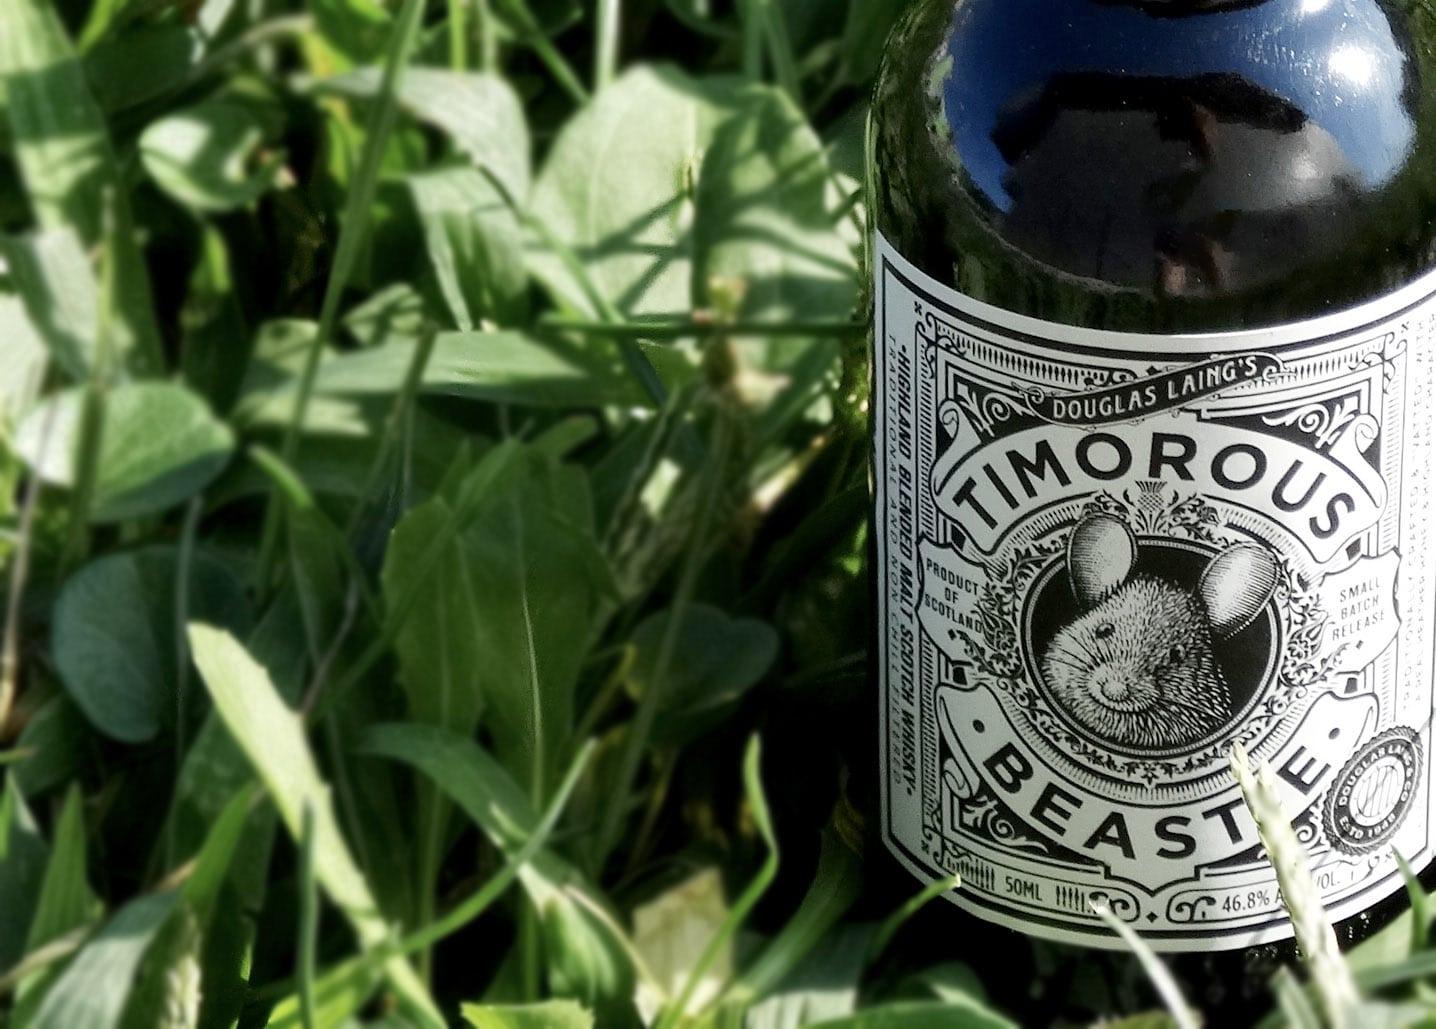 Douglas Laing Timorous Beastie - Todo Whisky